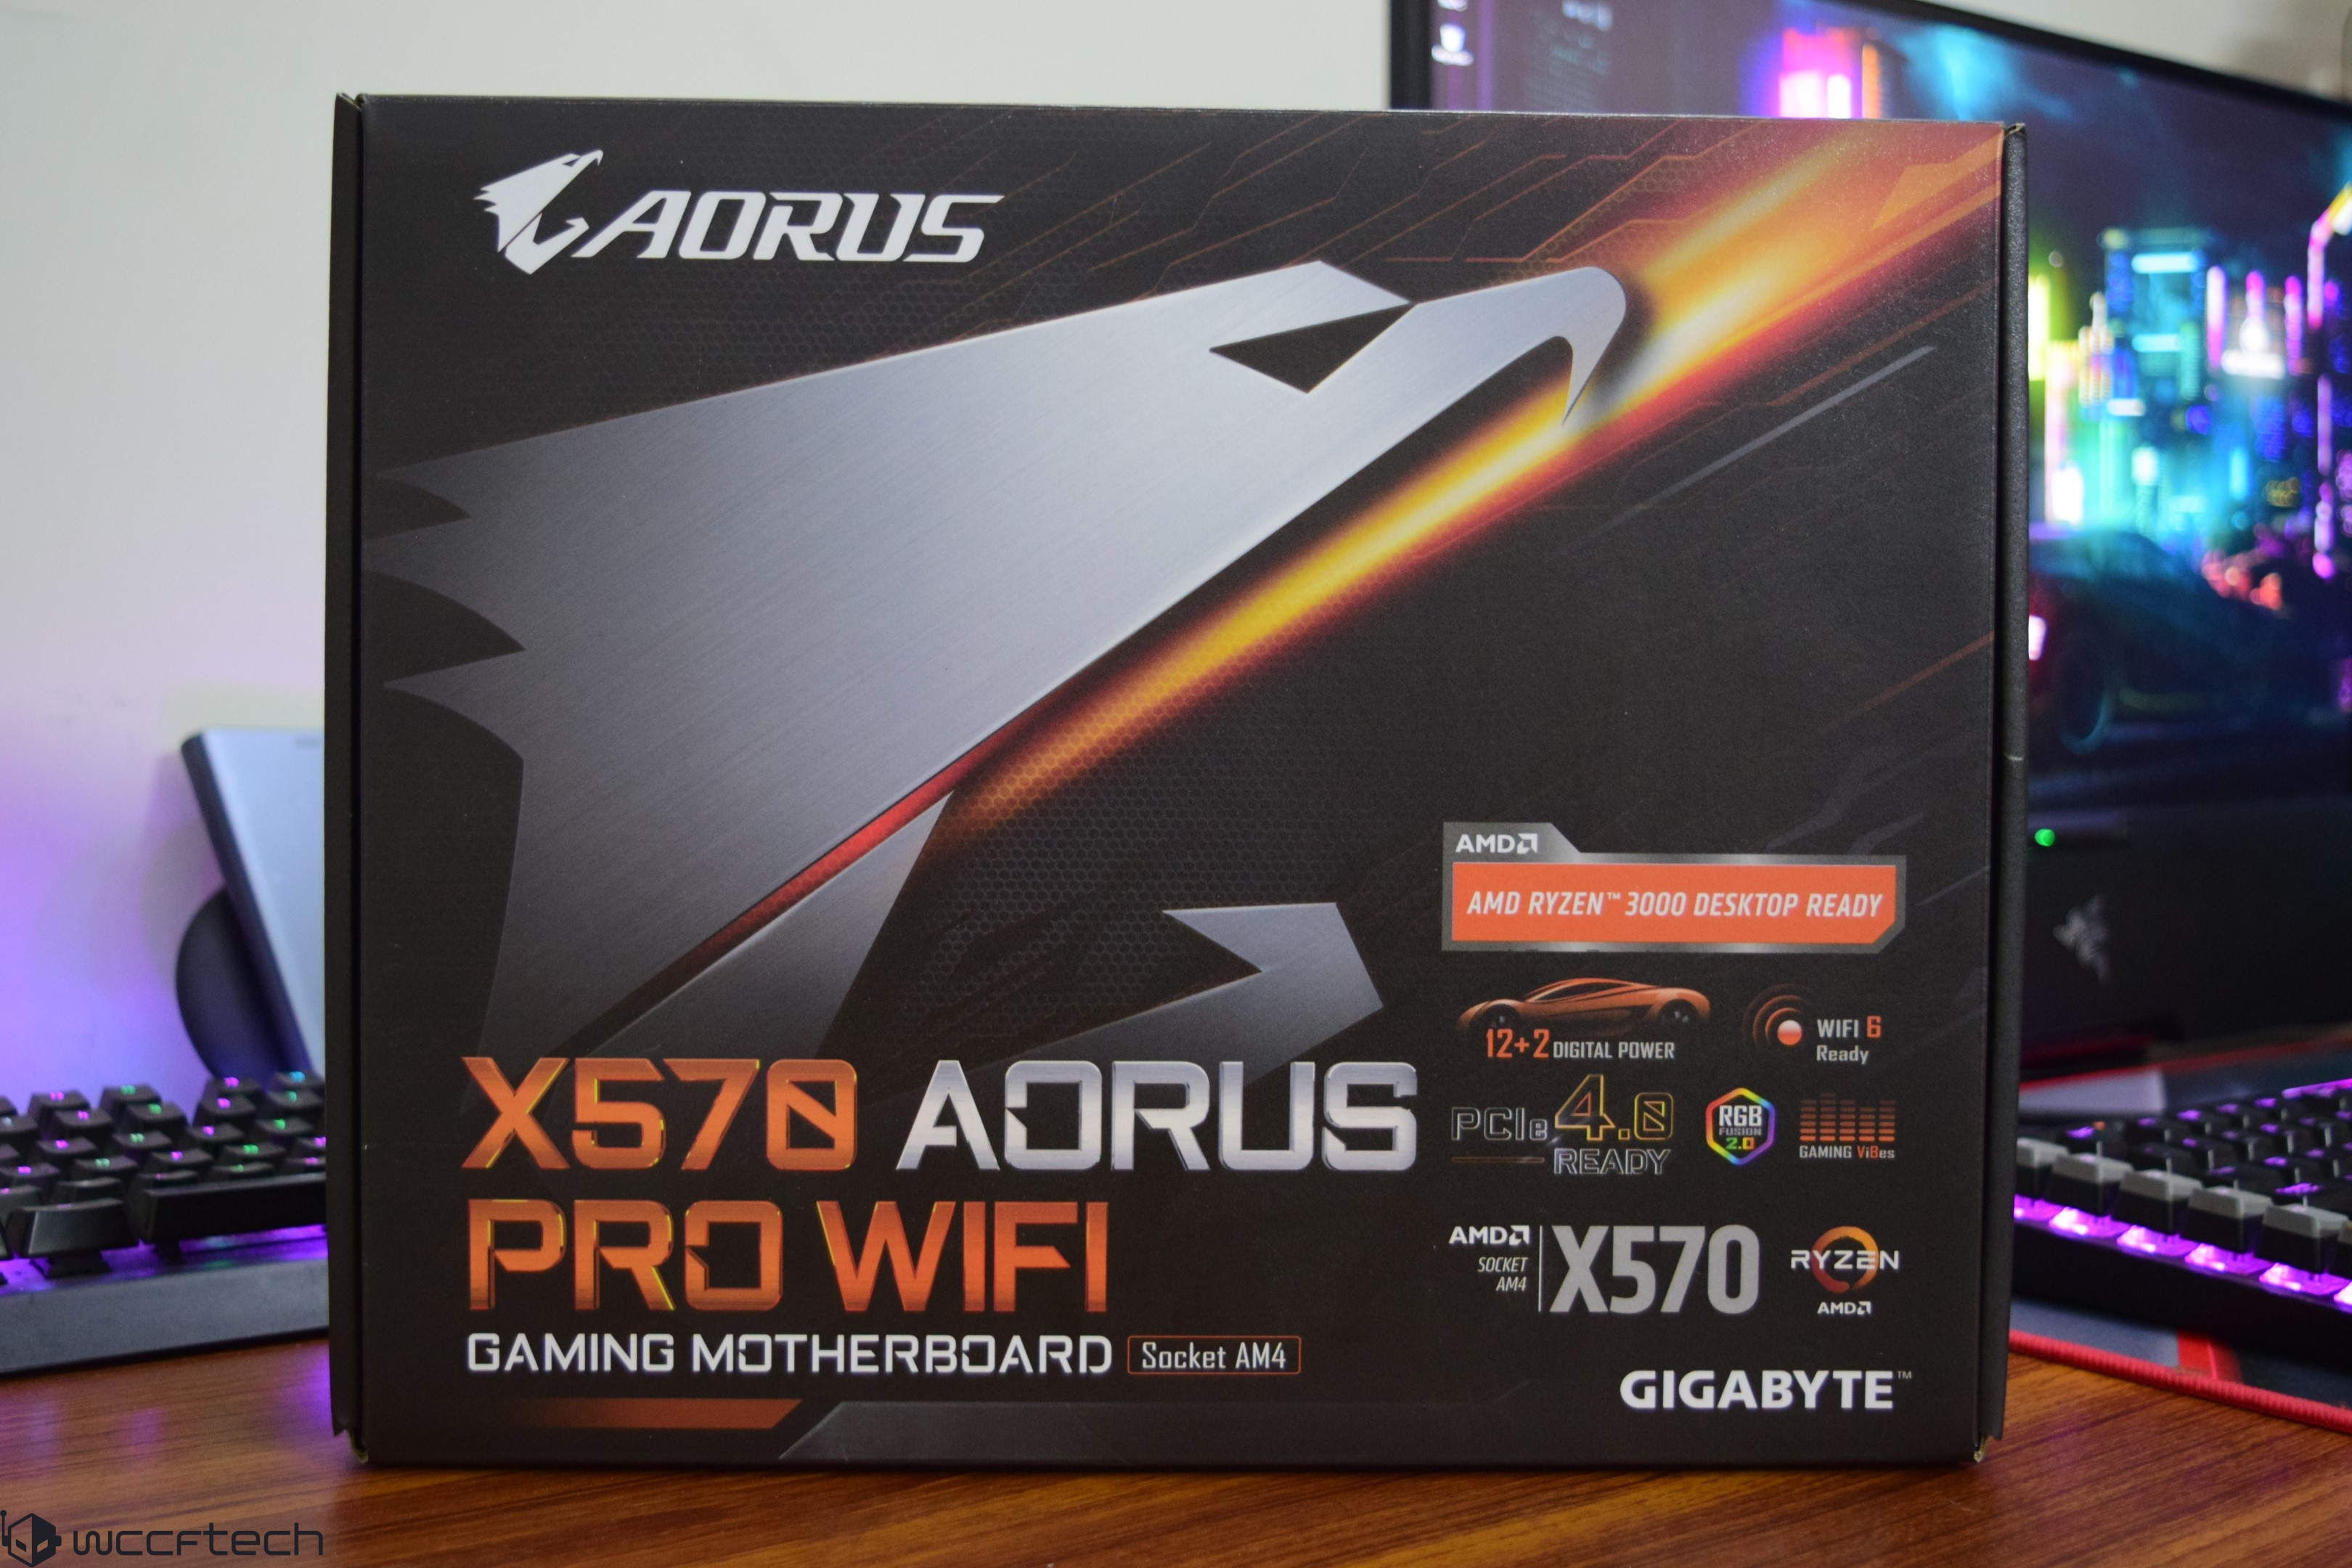 AMD Ryzen 7 3700X and Ryzen 5 3600X CPU Review Ft  X570 AORUS PRO